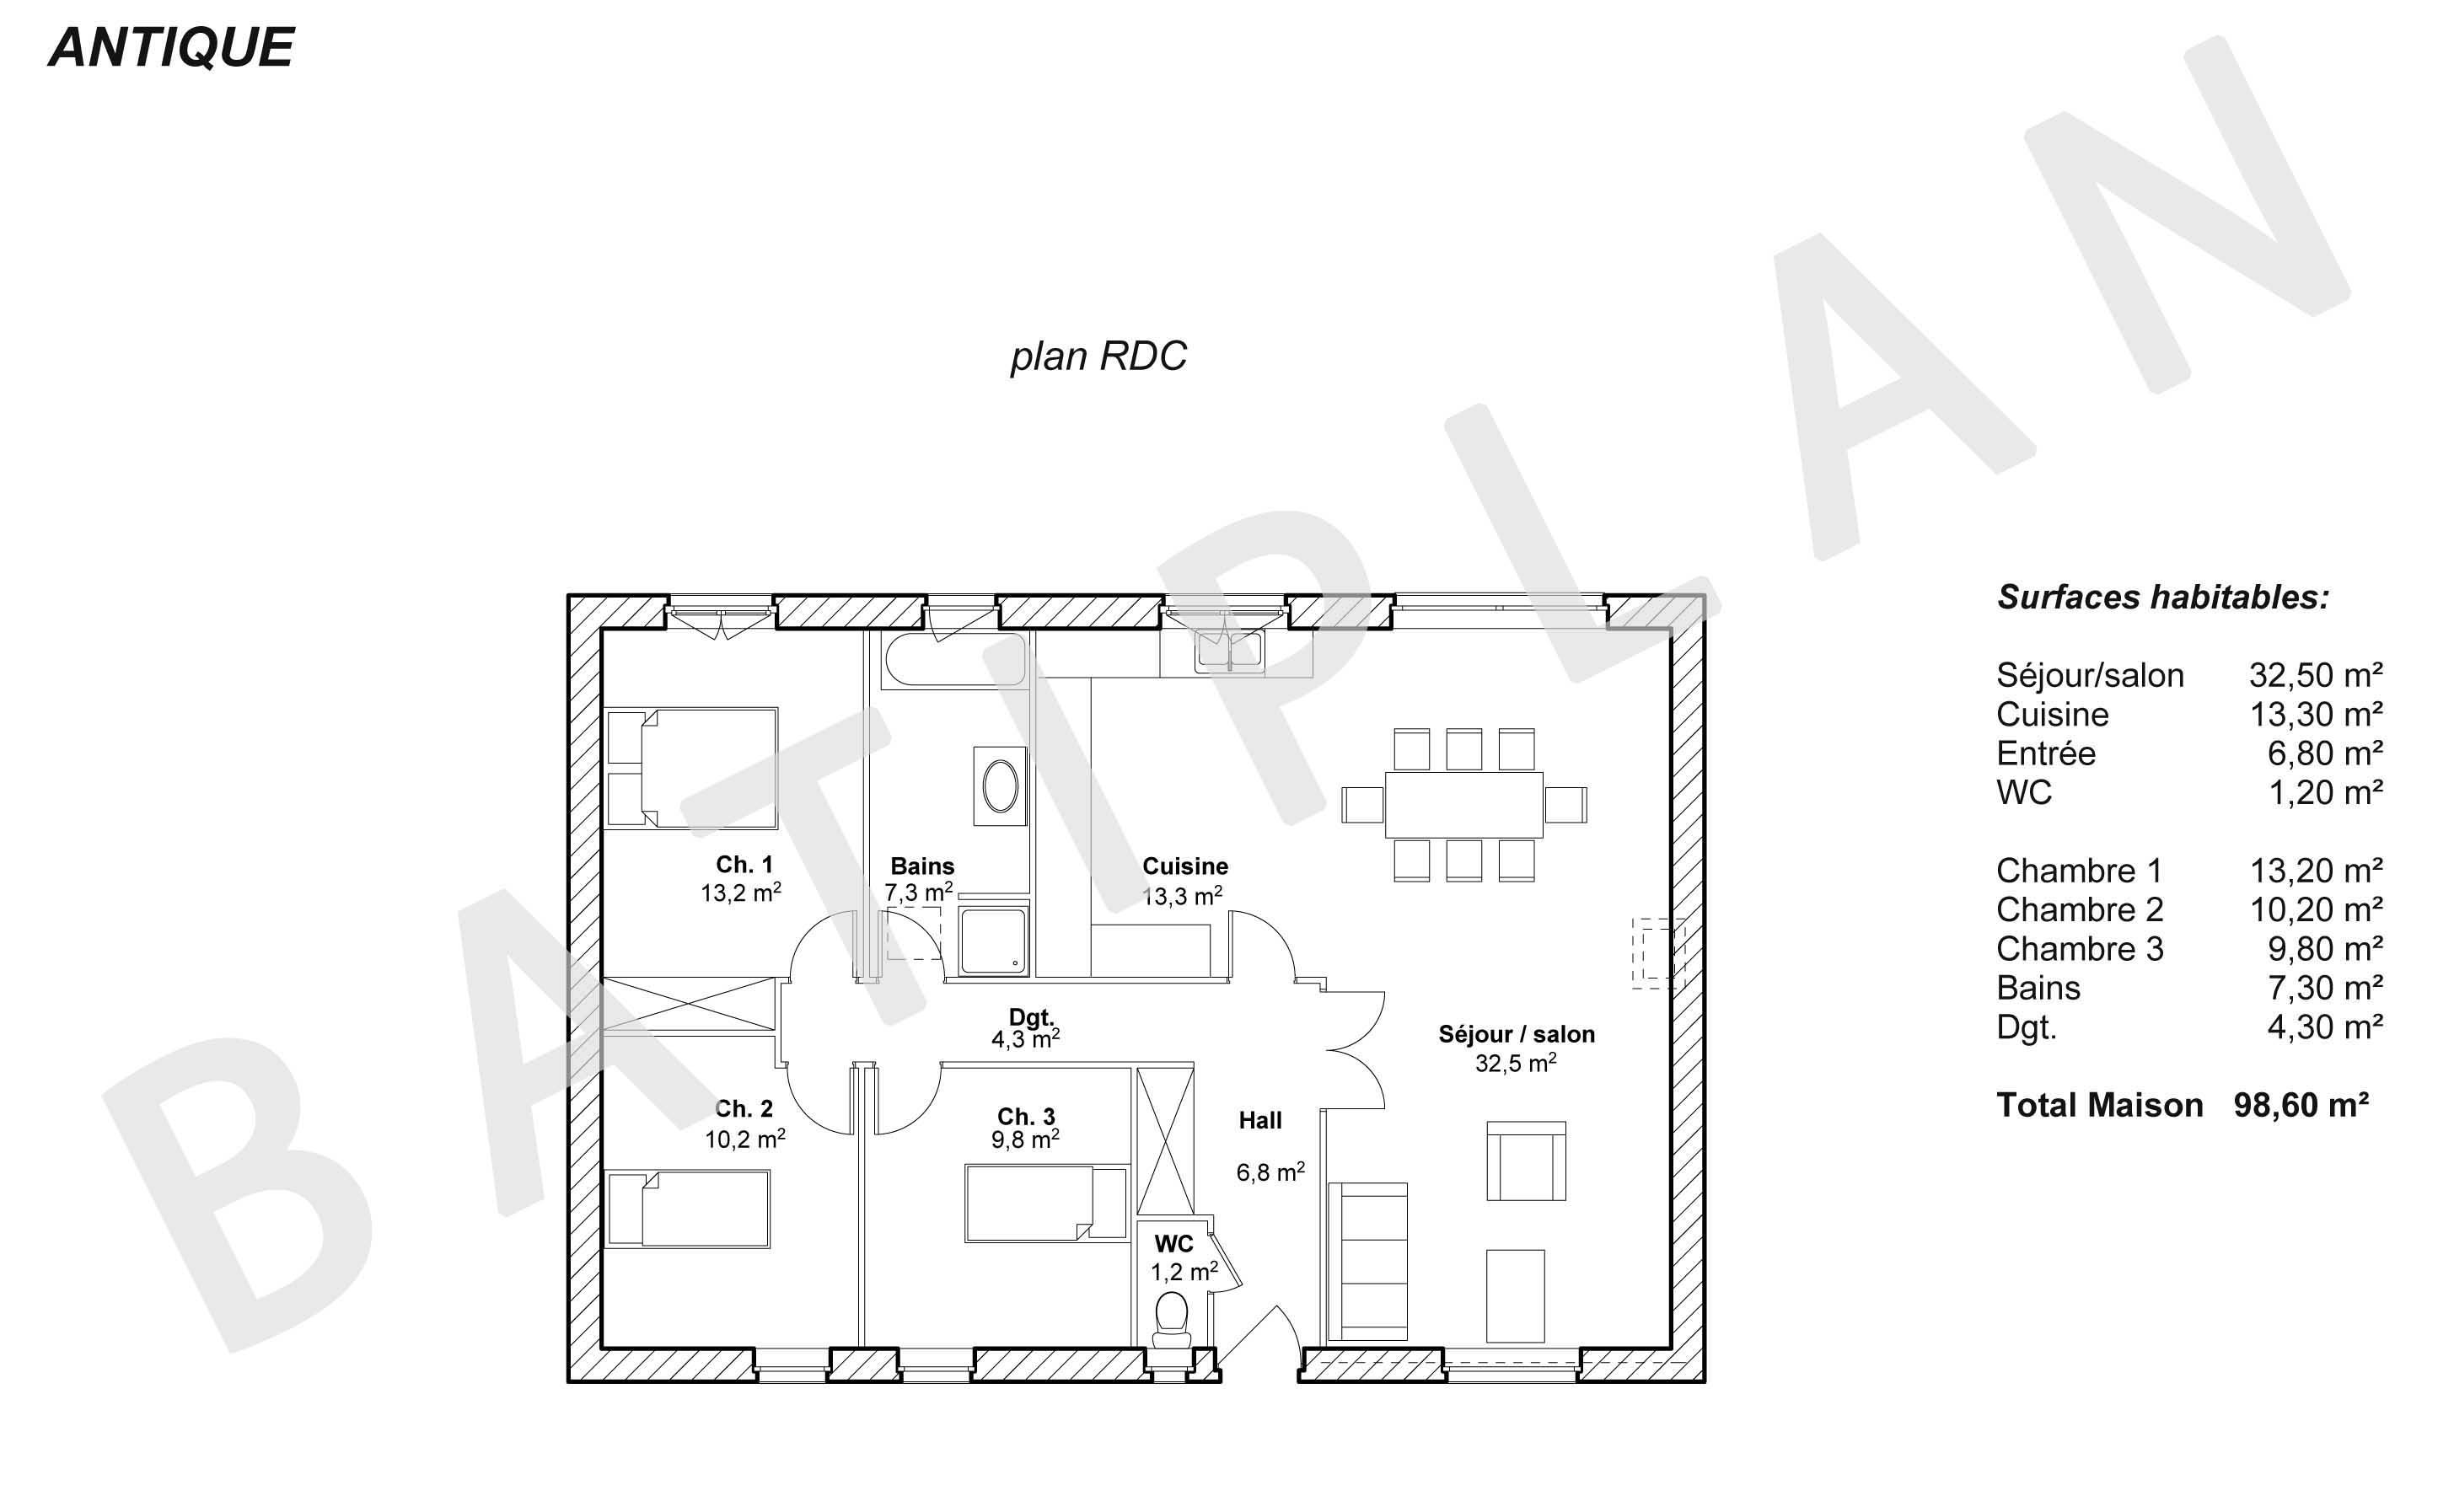 Plans et permis de construire notre plan de maison antique for Site de plan de maison